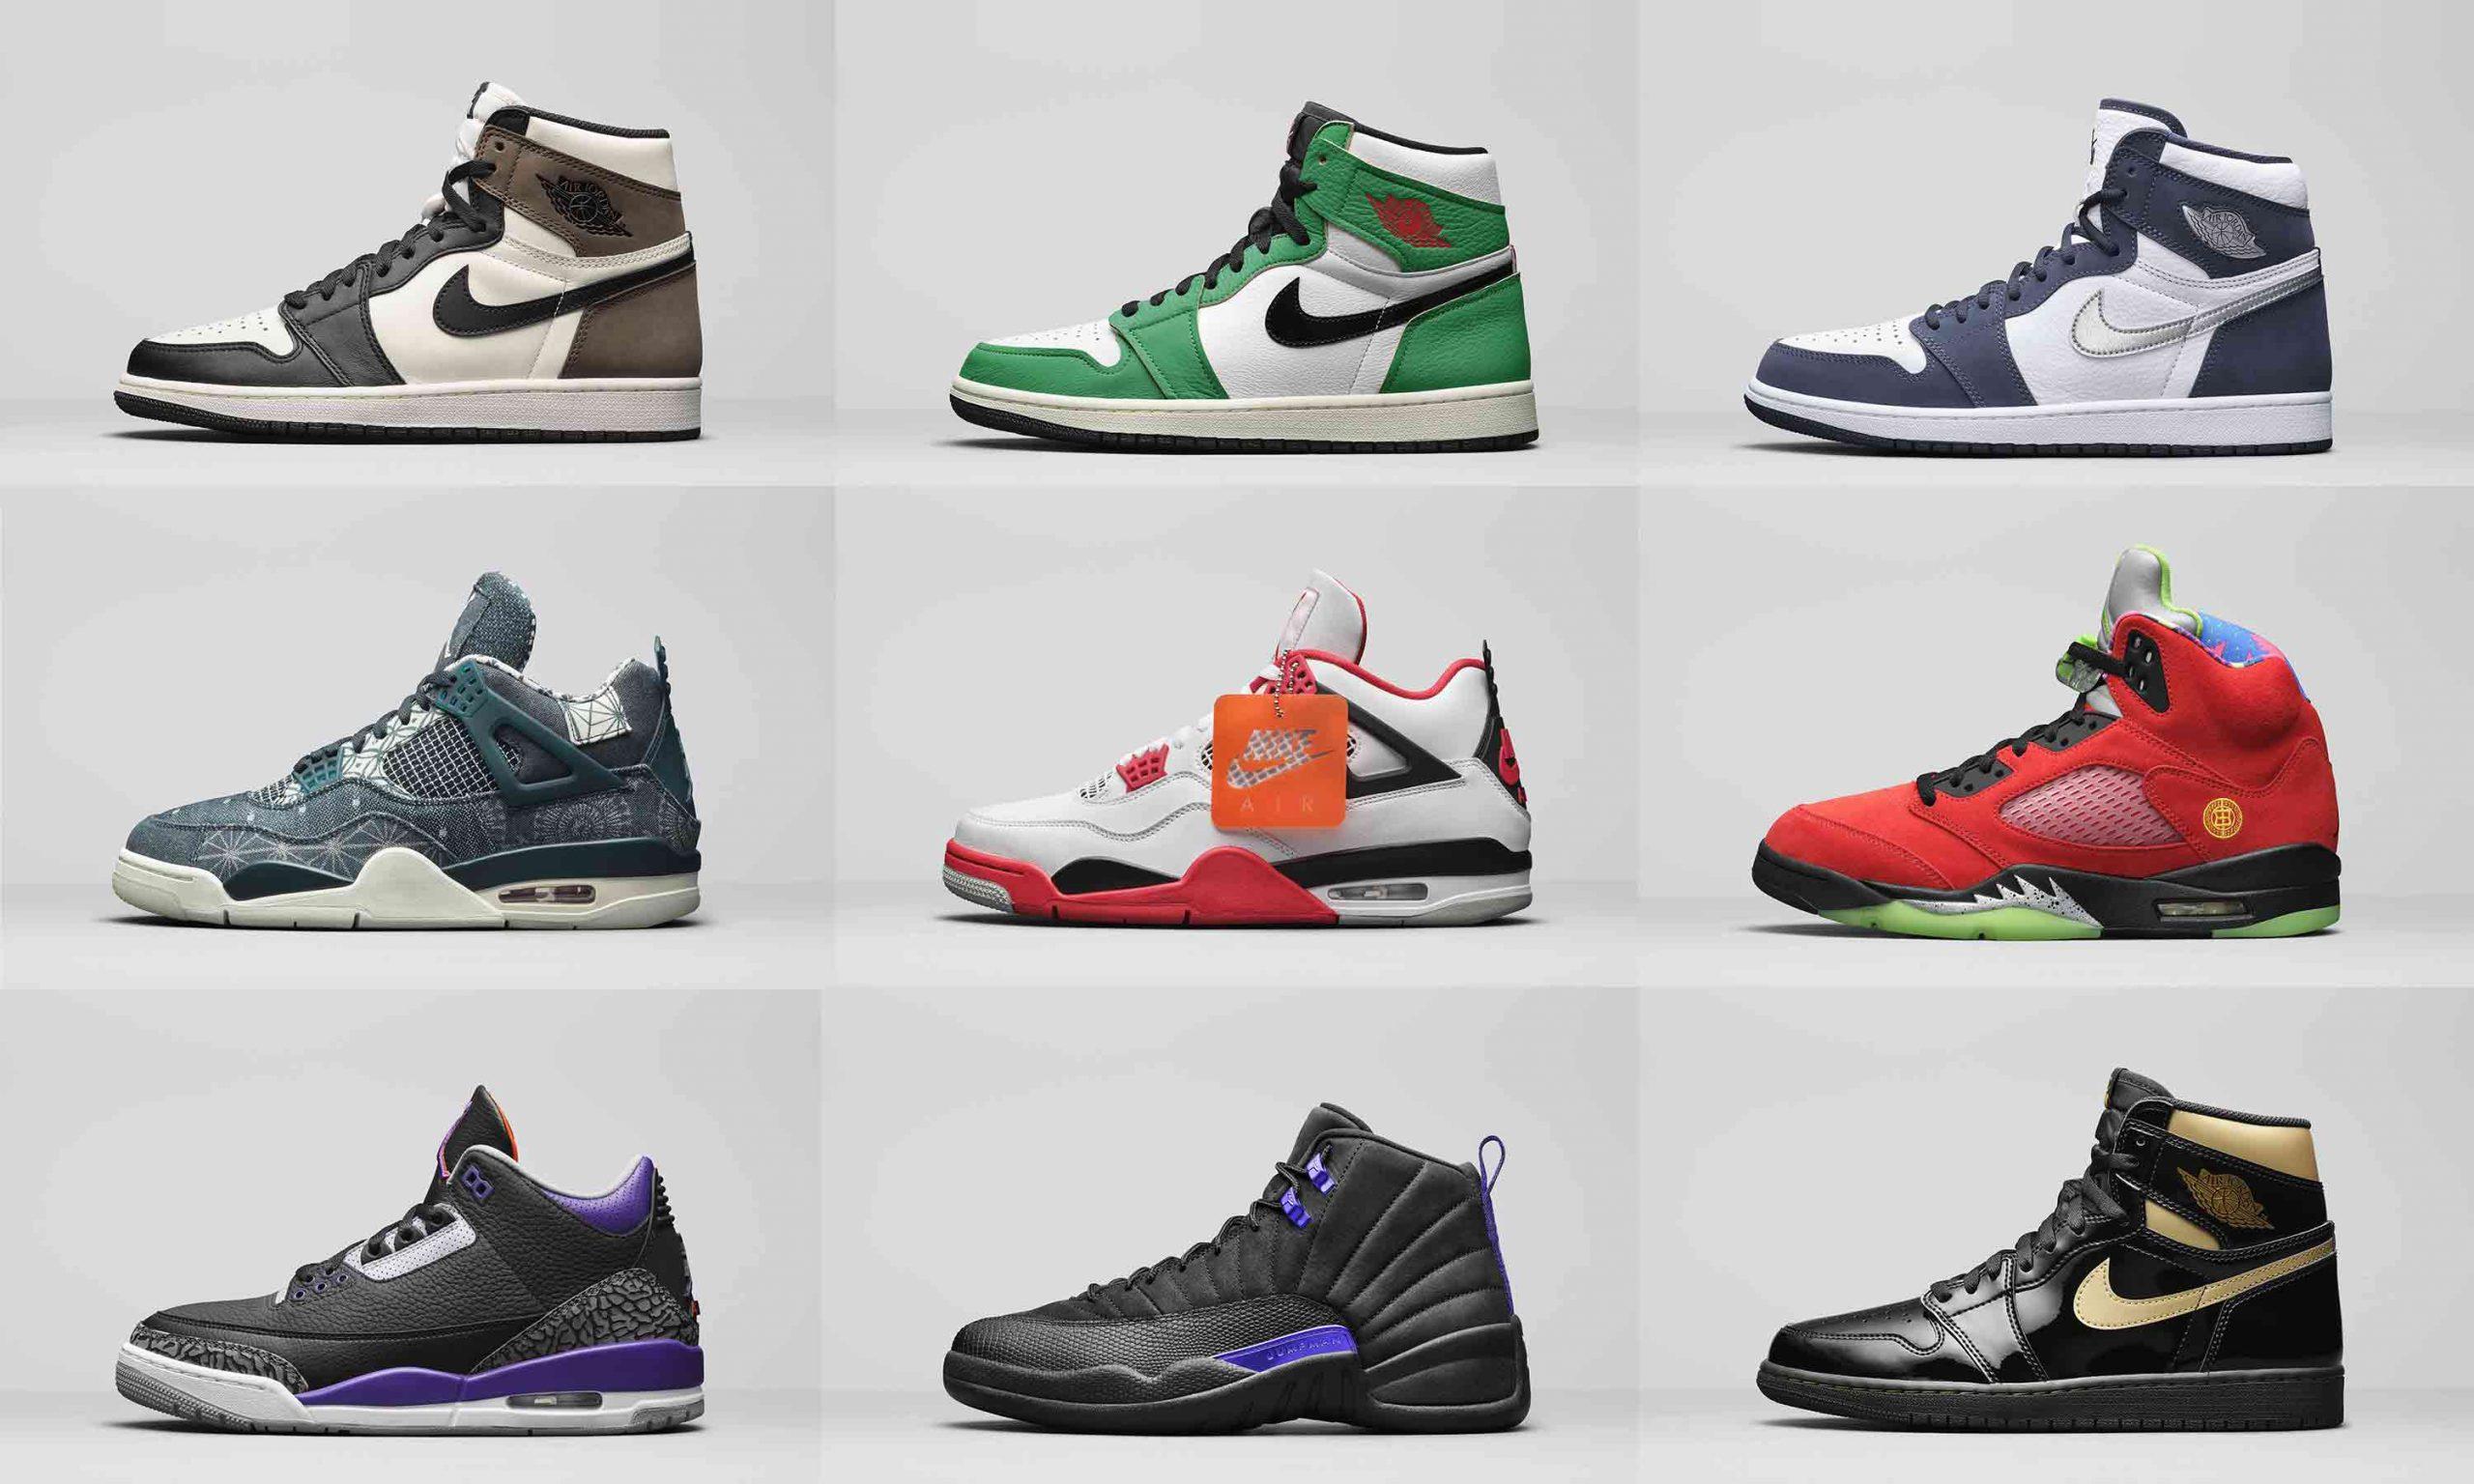 重磅不停歇,Jordan Brand 2020 冬季发售系列详览